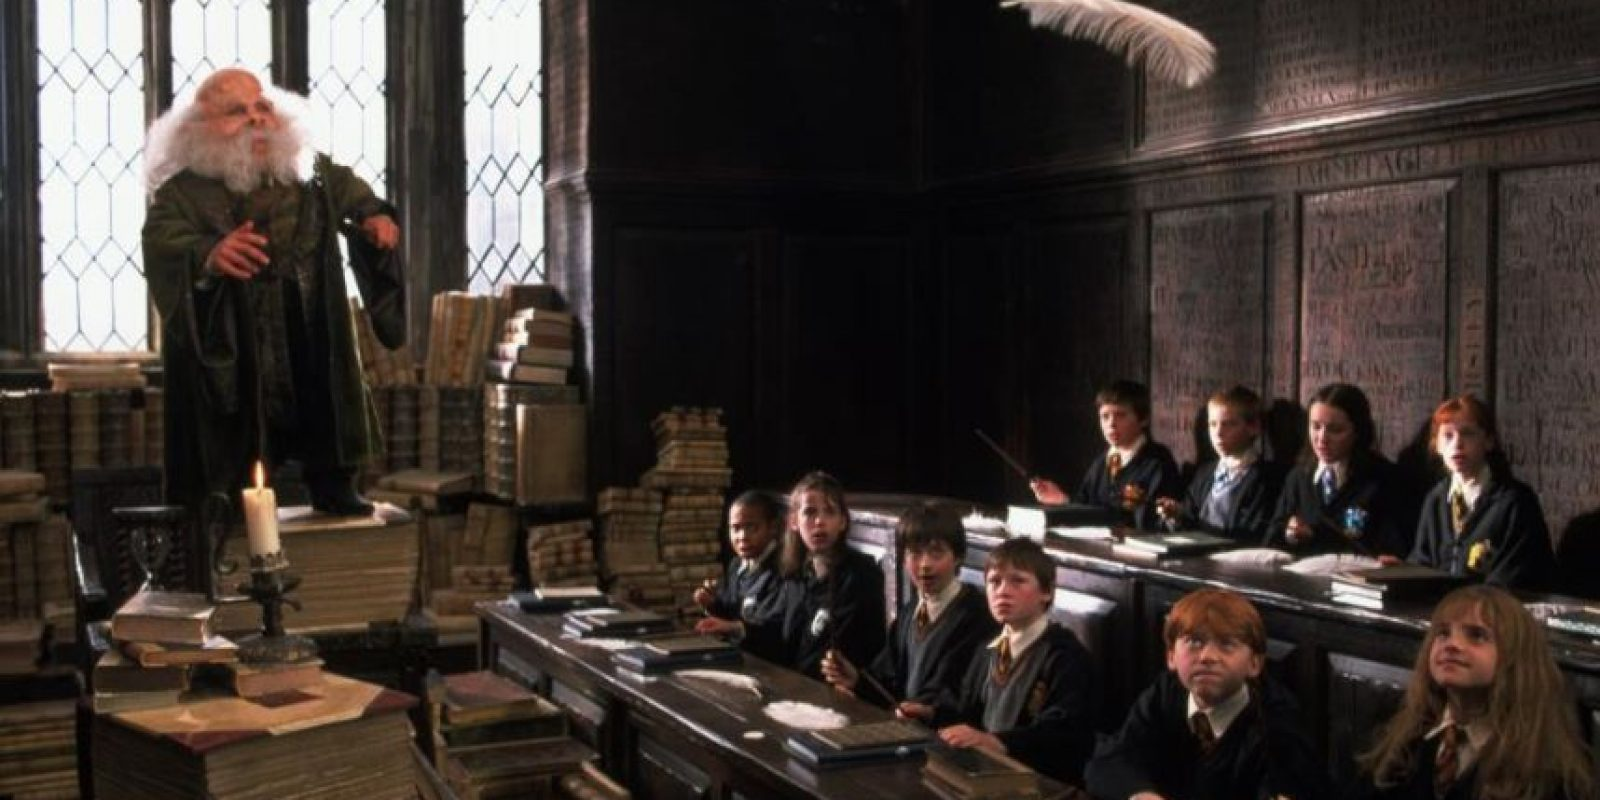 """Si un muggle por casualidad se llegara a aparecer en Hogwarts, este solo se vería como un edificio ruinoso con el anuncio de """"peligro"""" Foto:vía facebook.com/HarryPotterUK"""